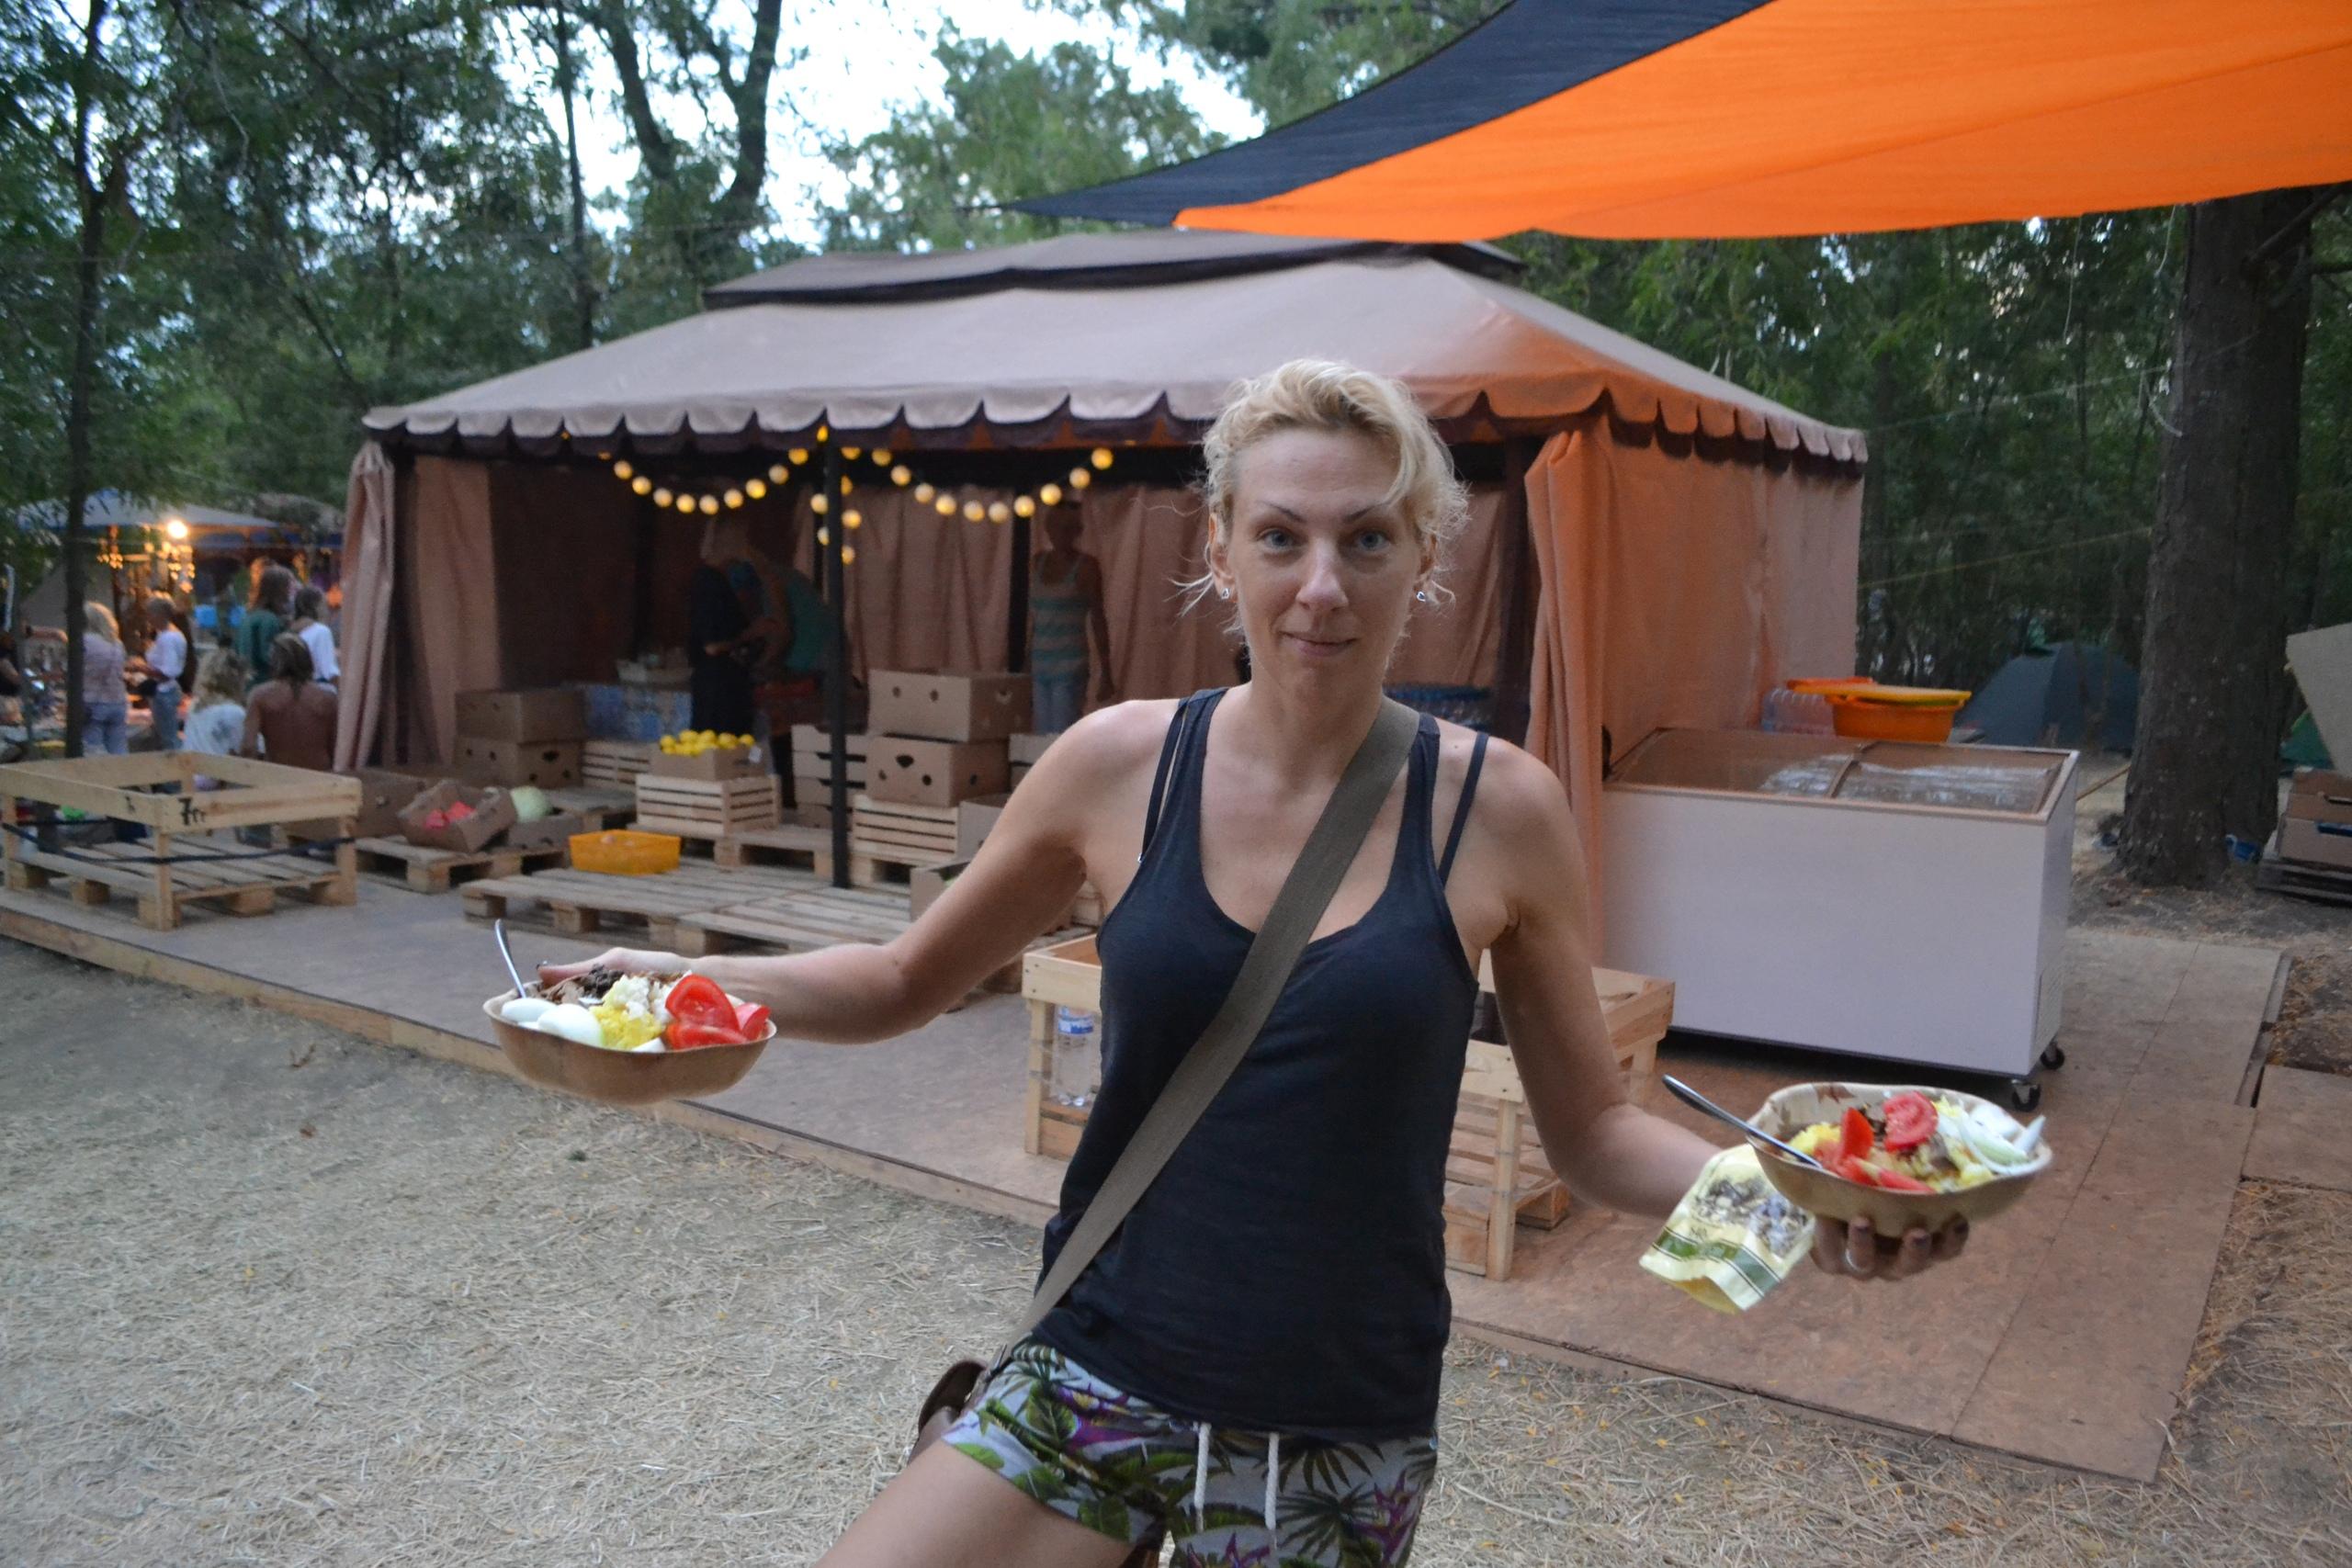 Елена Руденко (Валтея). Эзотерический фестиваль. Одесская сказка 2018 г. - Страница 7 KgUeG0MpWOY